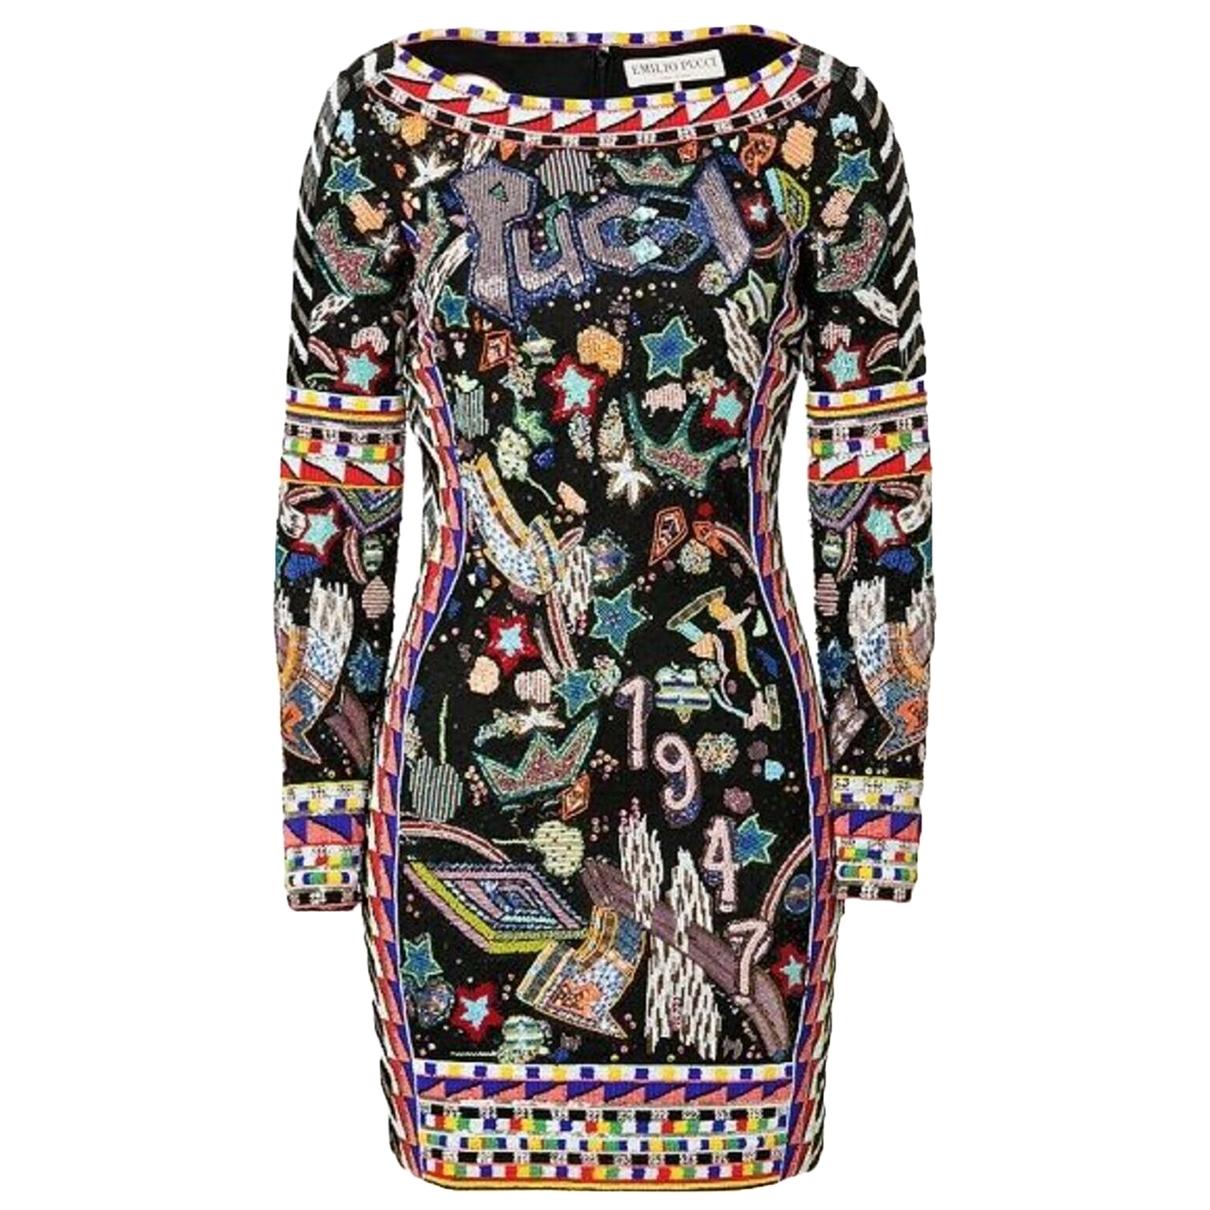 Emilio Pucci \N Multicolour dress for Women 40 IT